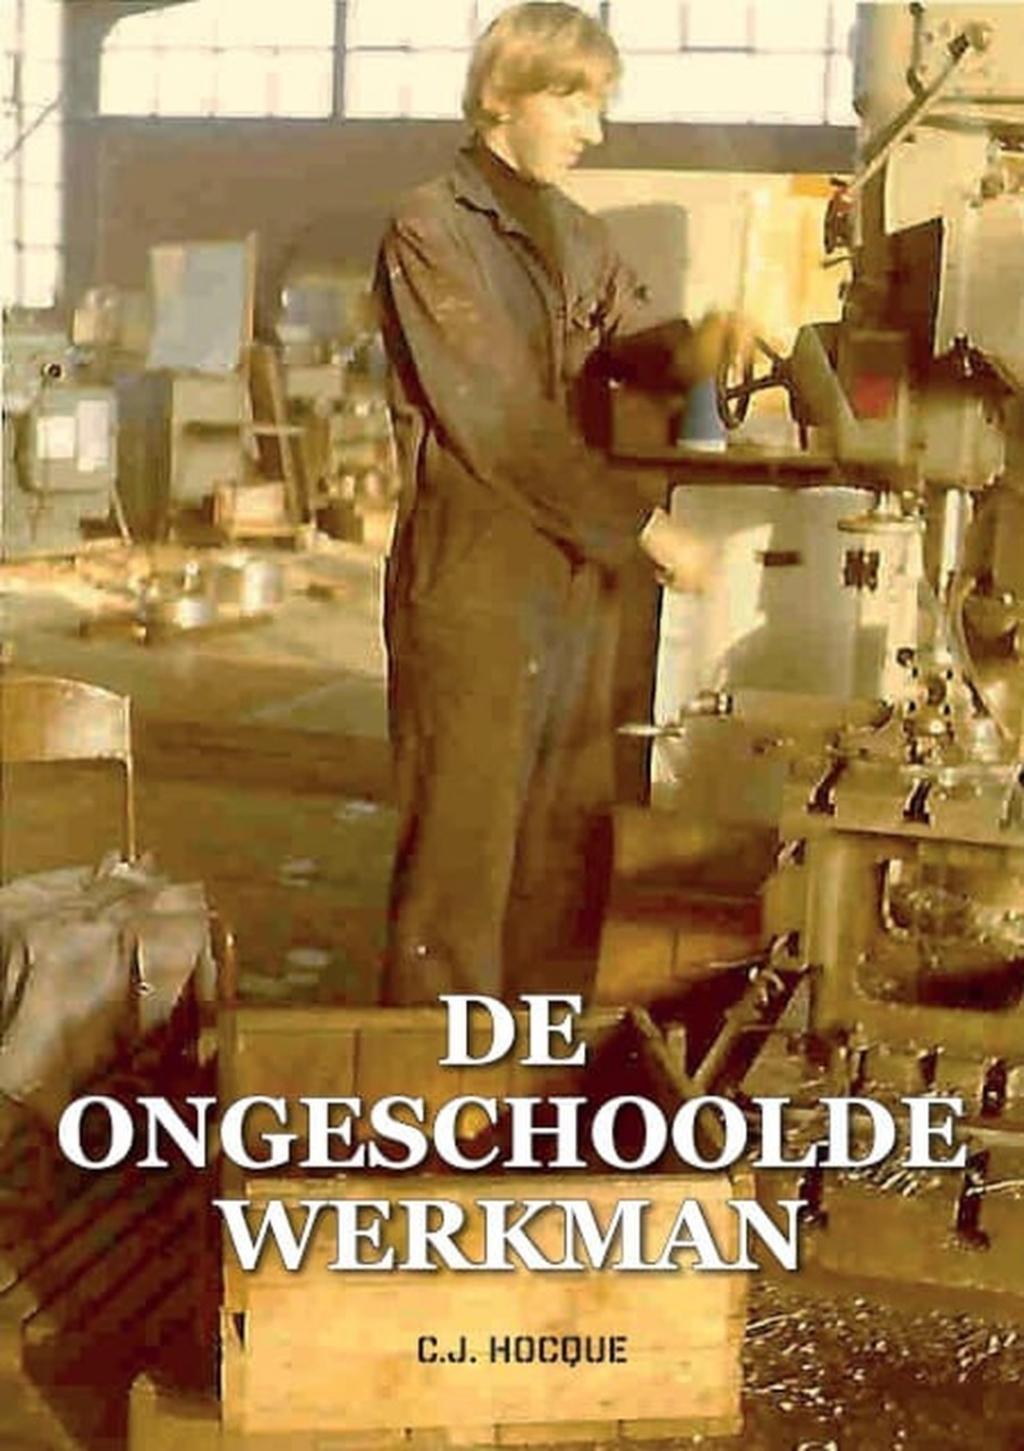 boek cover n.v.t. © BDU Media